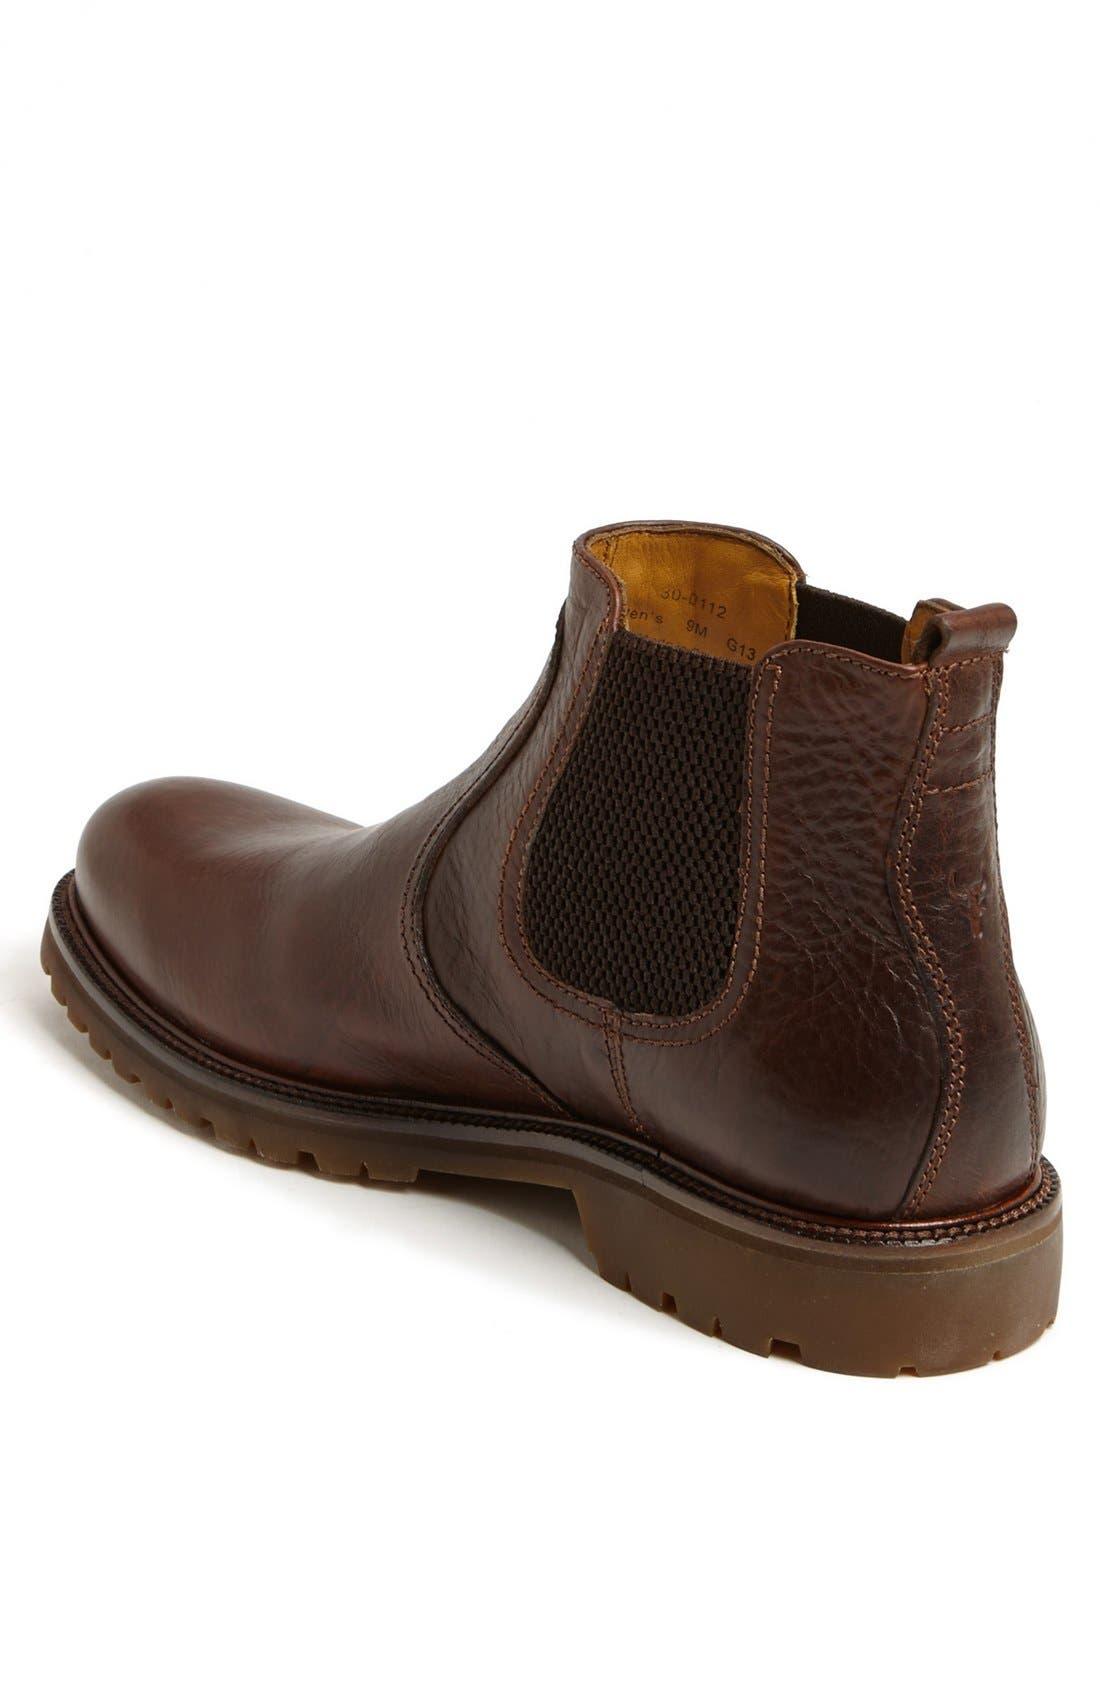 Alternate Image 2  - Trask 'Garnet' Chelsea Boot